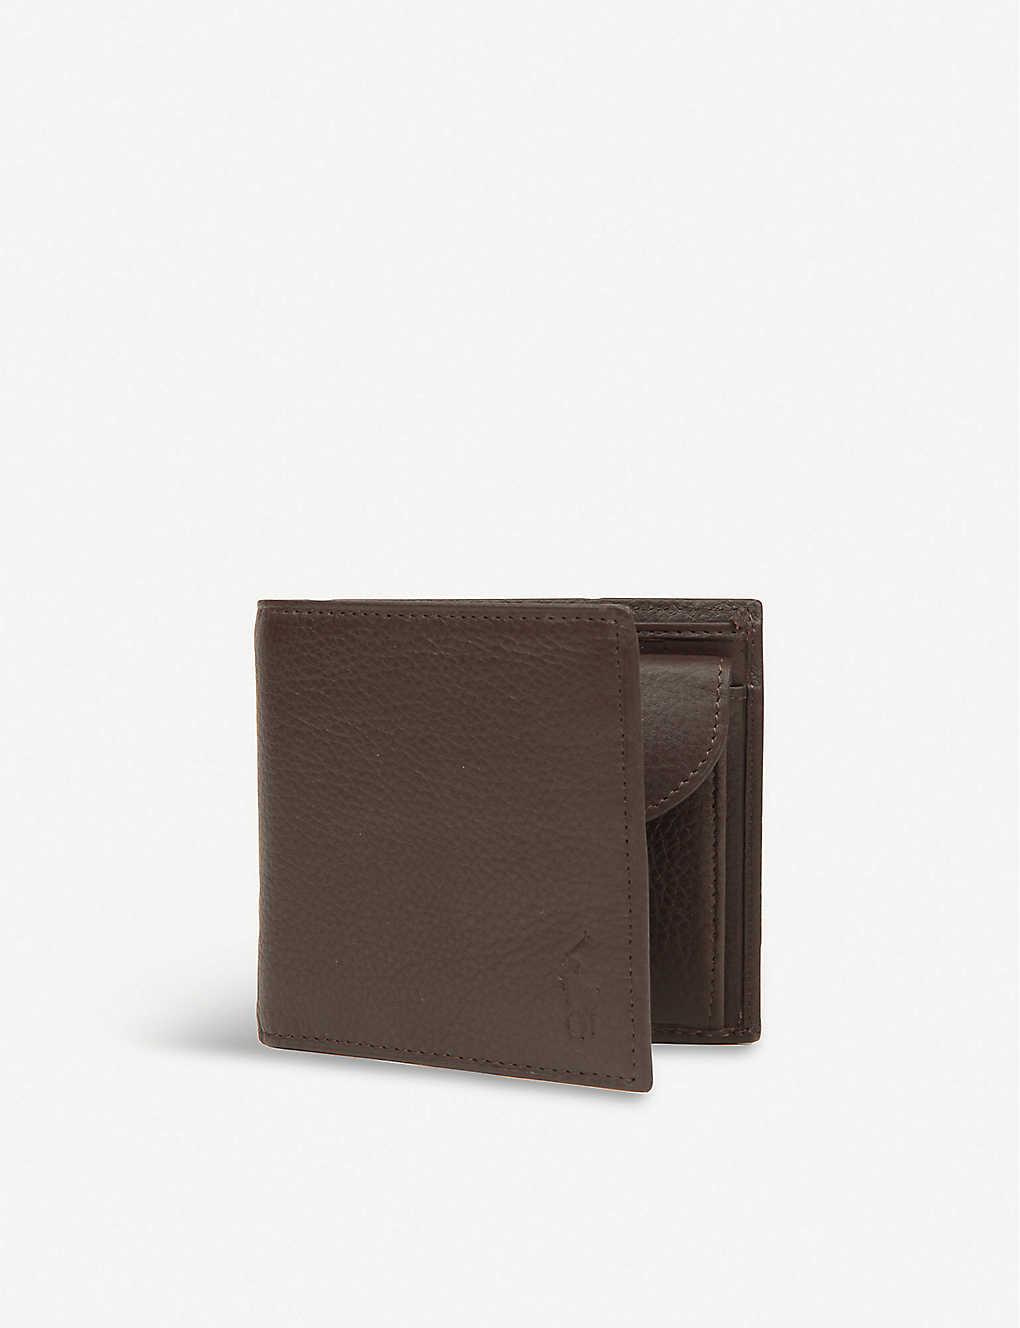 132d16862969 POLO RALPH LAUREN - Pebbled leather wallet | Selfridges.com